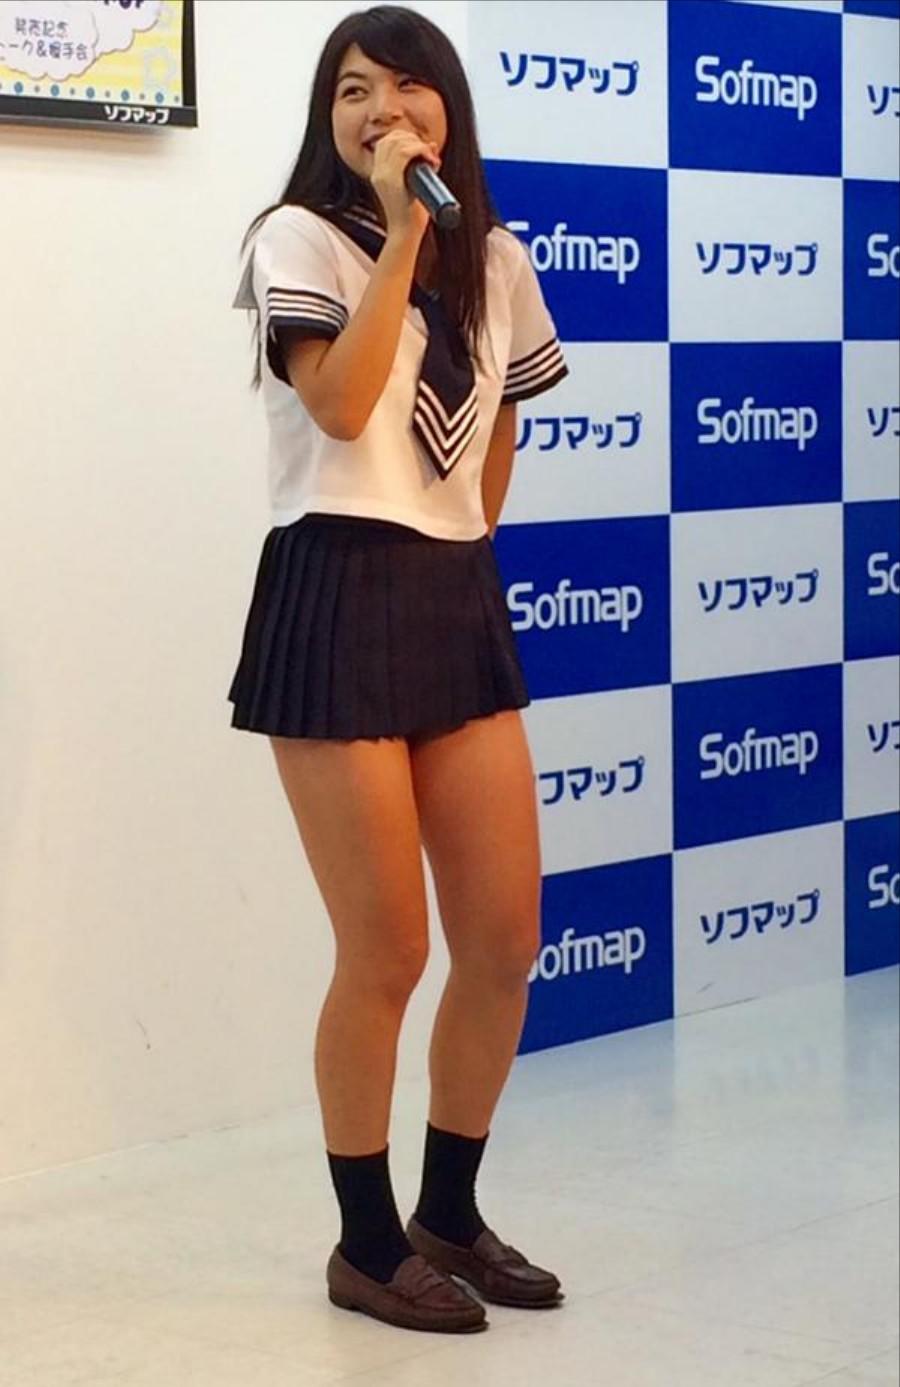 DVDの発売記念イベントでソフマップに登場した芹沢潤